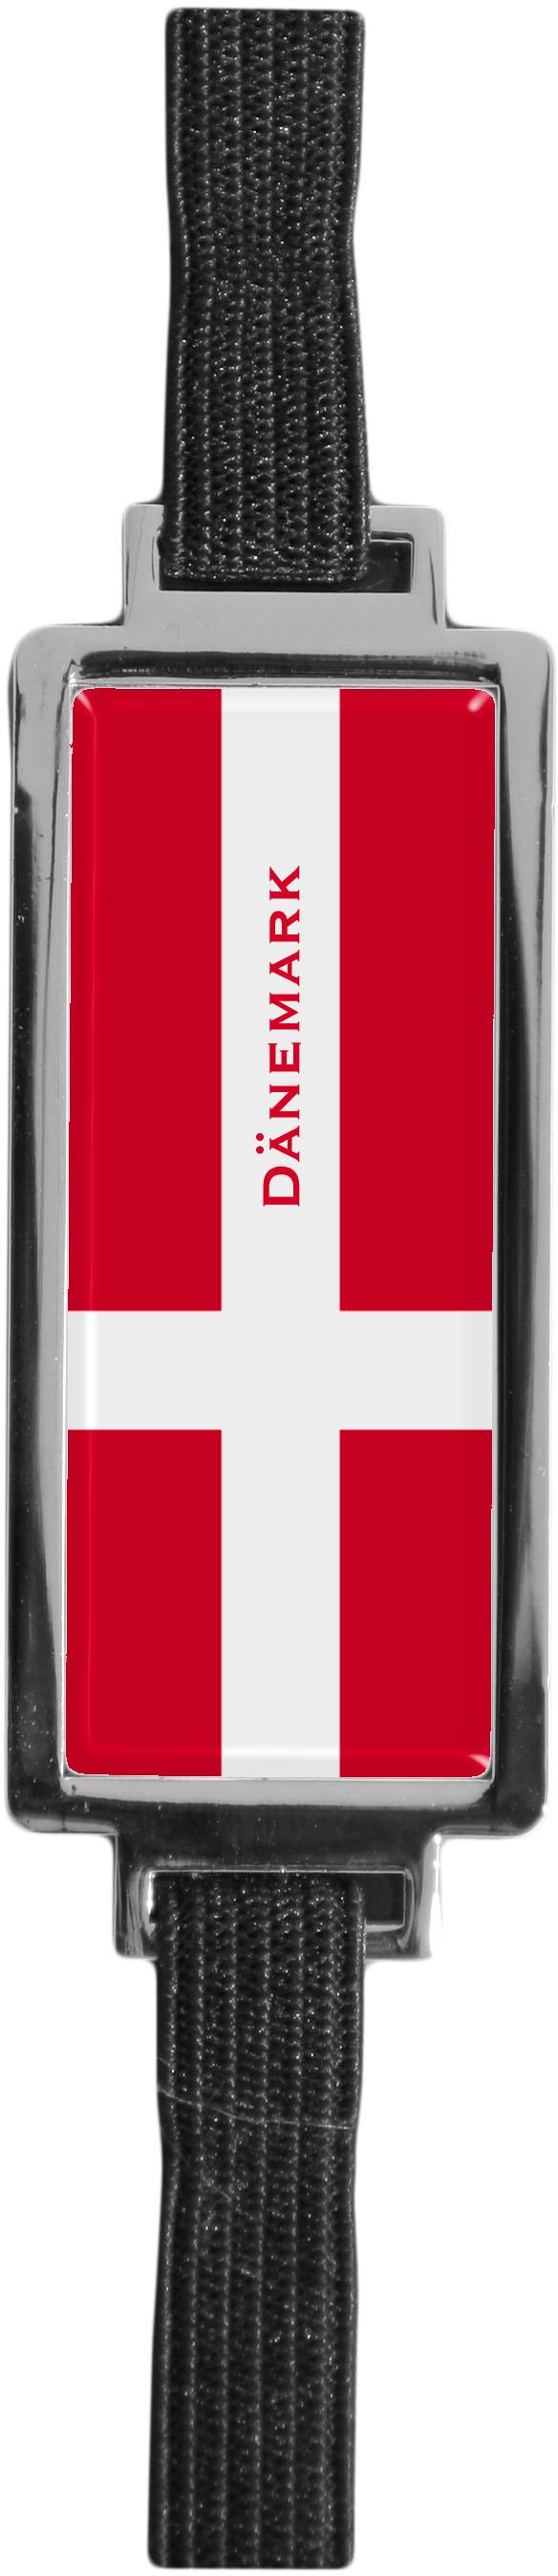 """Metall - Lesezeichen  """"Dänemark"""""""